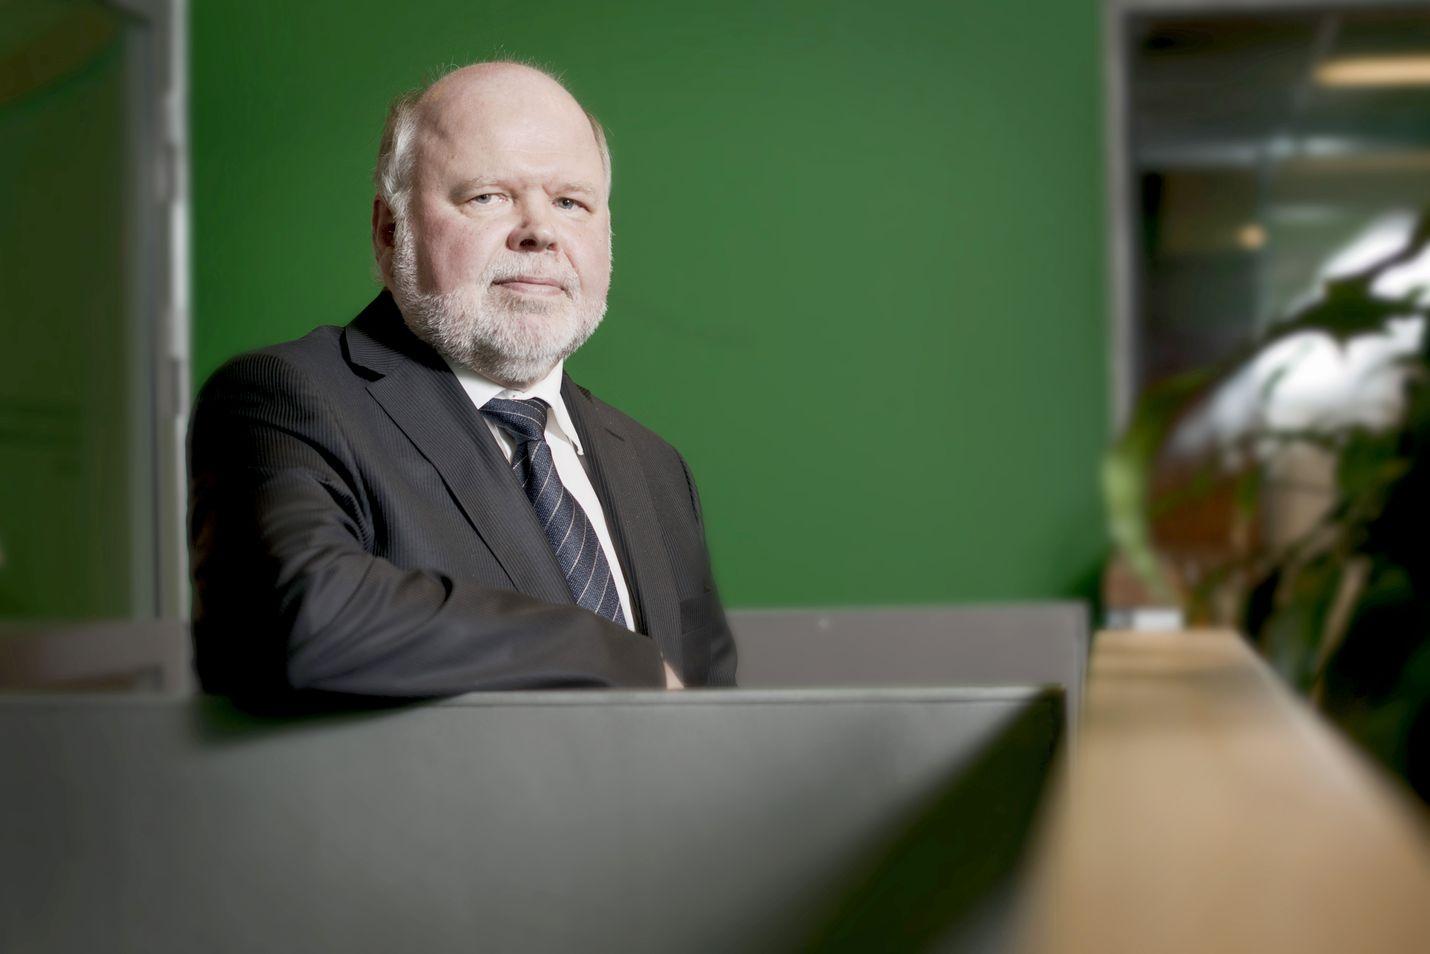 Rikosseuraamuslaitoksen pääjohtaja Esa Vesterbacka sanoo, että hänen tietojensa mukaan vankilavirkailijoita koskevissa palkkamurhauhkatilanteissa turvaamistoimet on hoidettu Risen uhkaohjeiden mukaisesti.